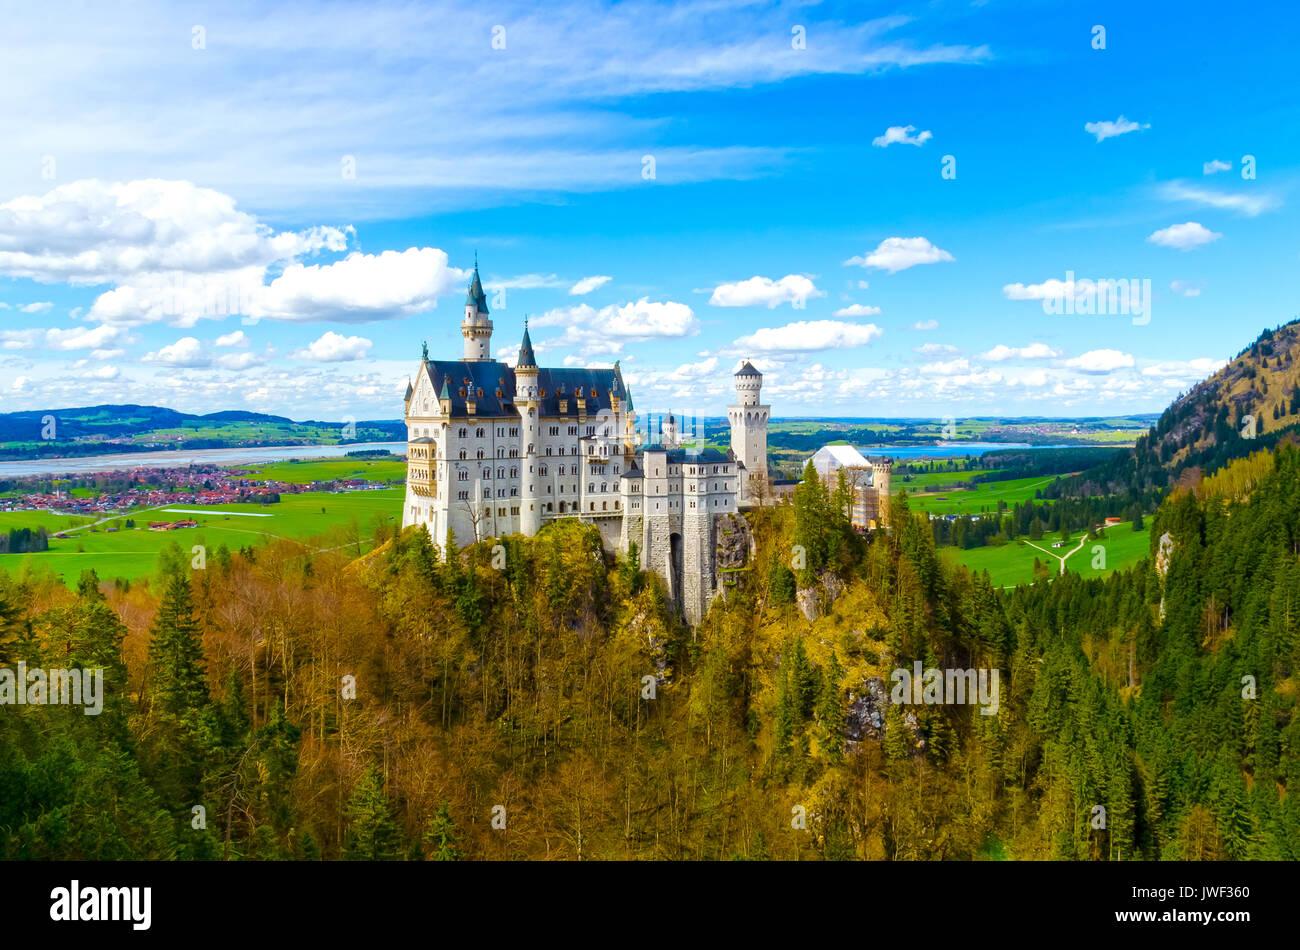 Blick auf den berühmten Touristenattraktion in den Bayerischen Alpen - im 19. Jahrhundert das Schloss Neuschwanstein. Stockbild